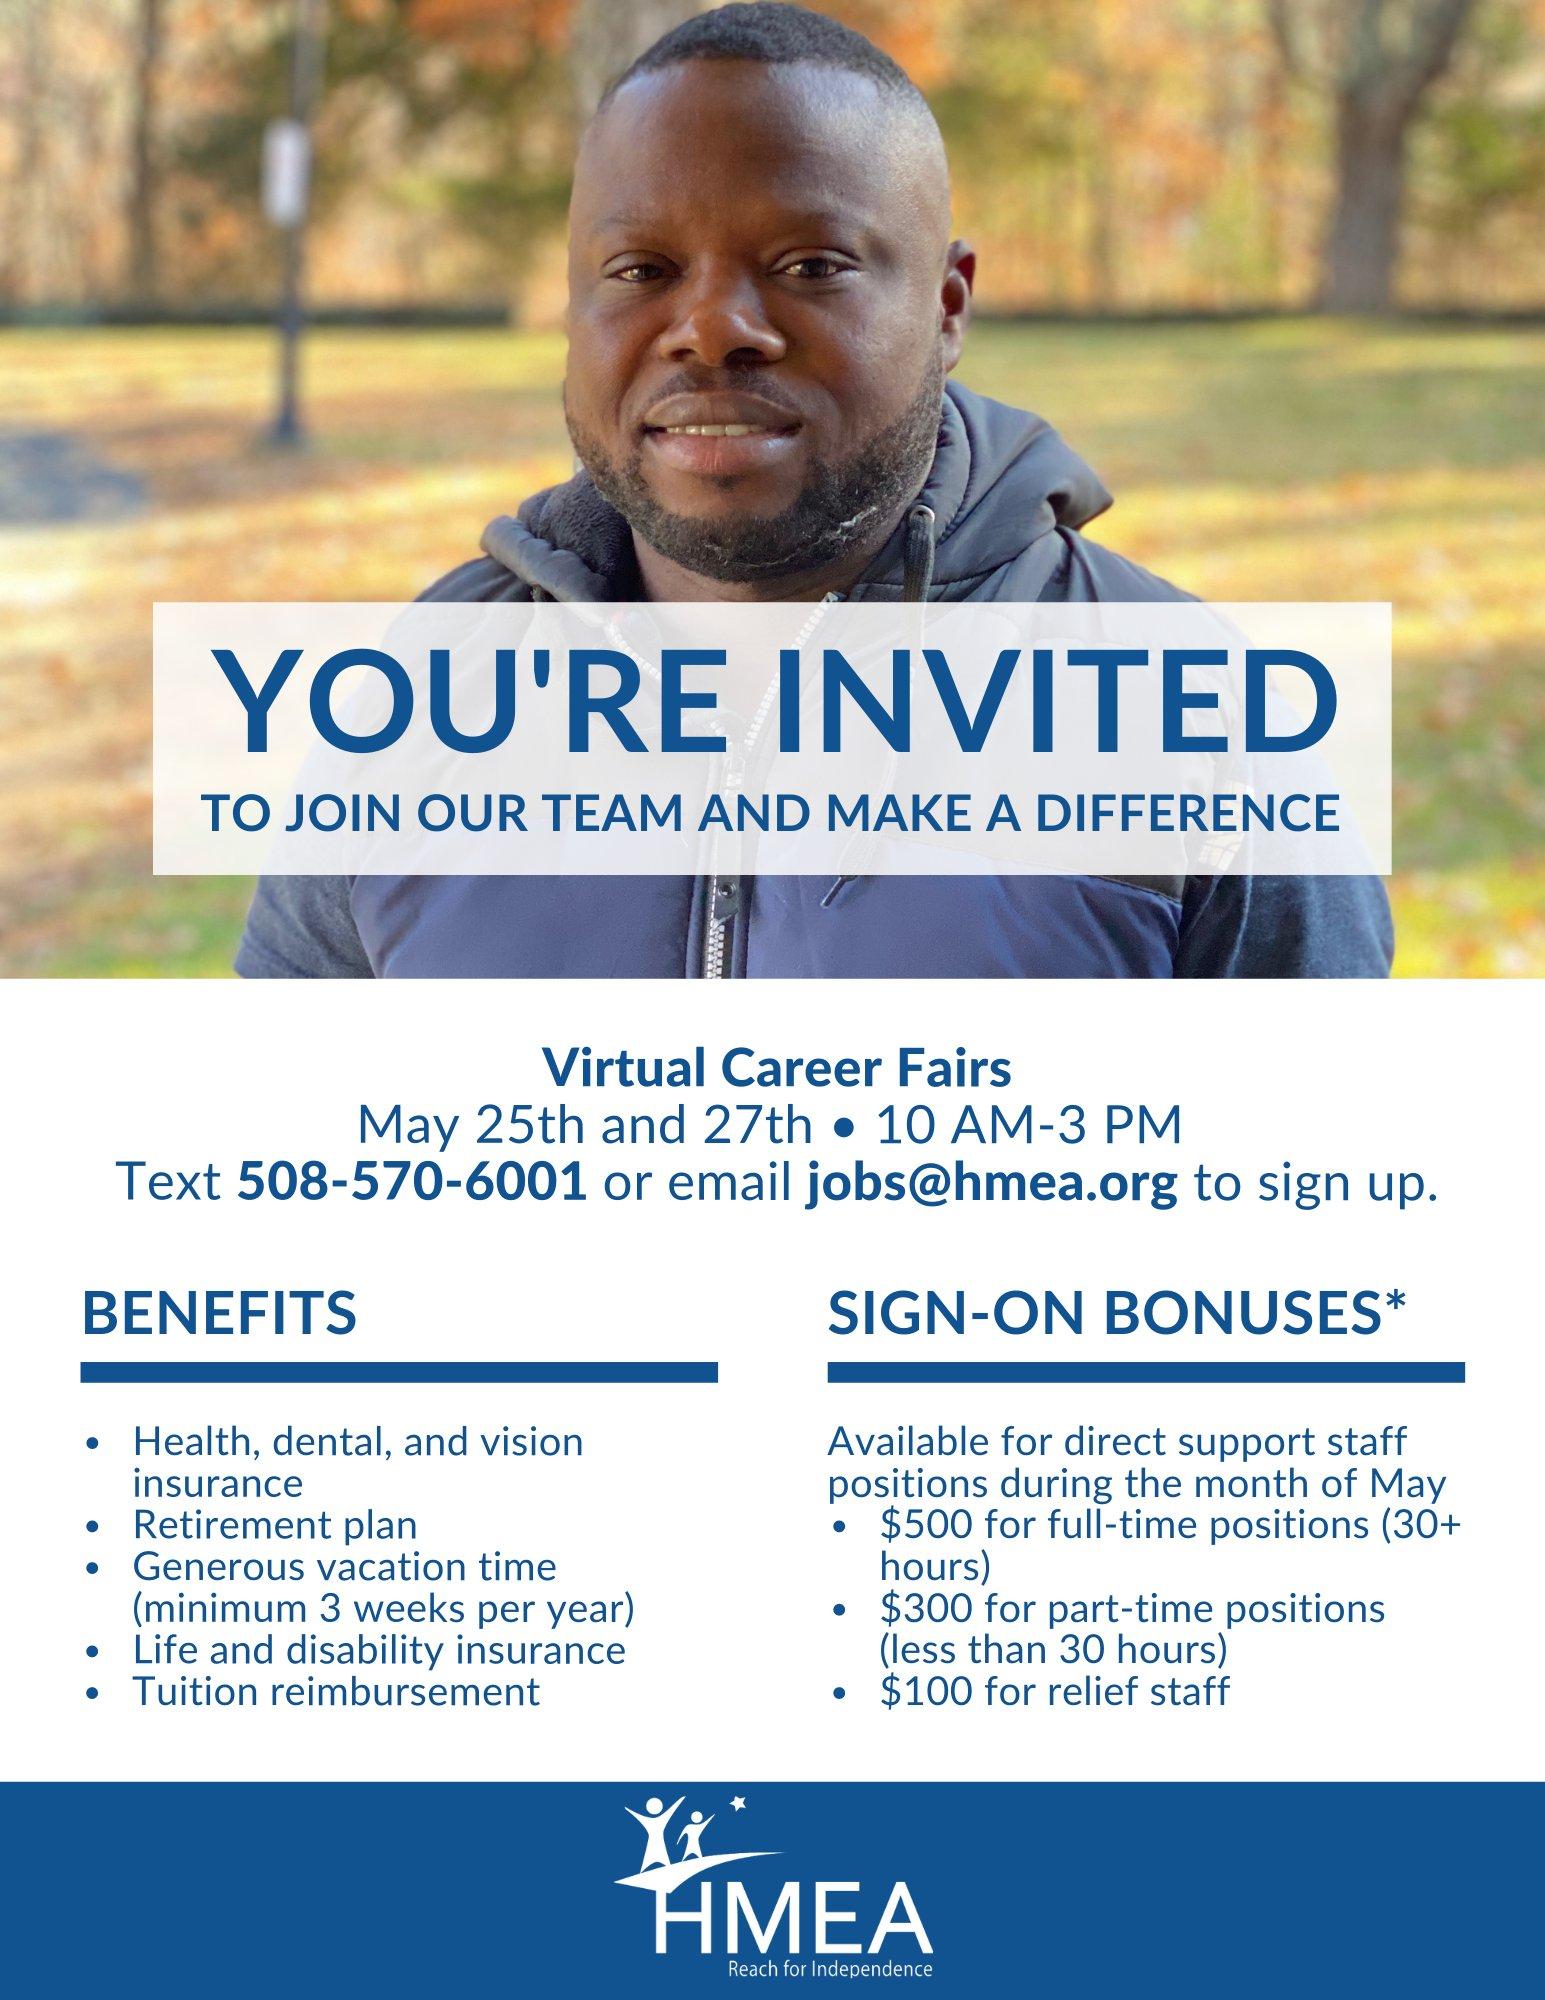 HMEA Inc  - virtual career fair - May 25, May 27